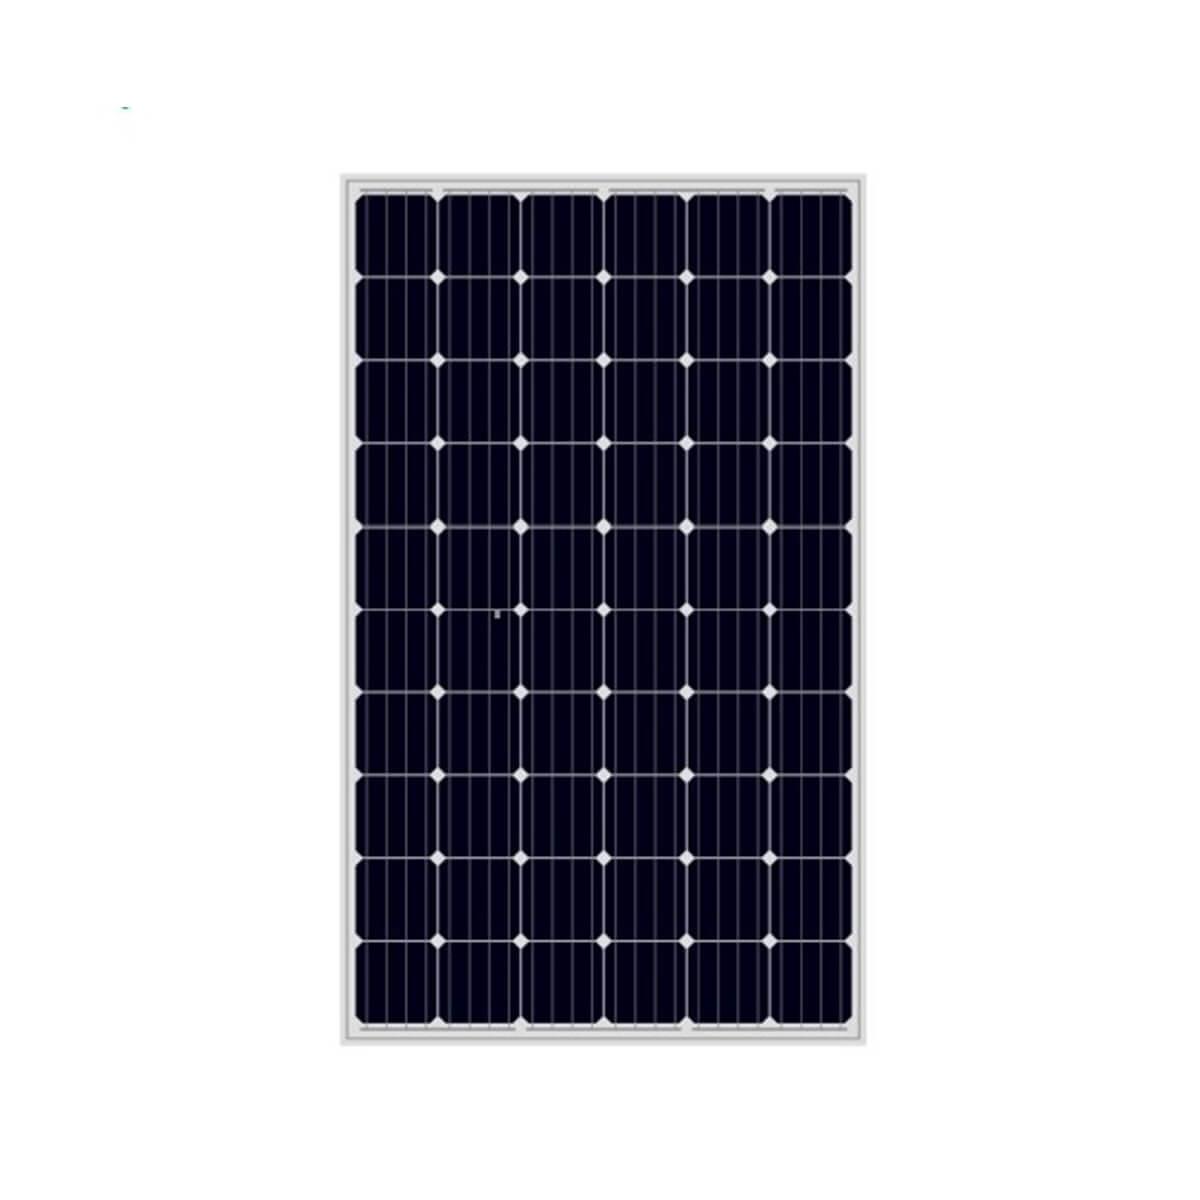 ht solar 315W panel, ht solar 315Watt panel, ht solar 315 W panel, ht solar 315 Watt panel, ht solar 315 Watt monokristal panel, ht solar 315 W watt gunes paneli, ht solar 315 W watt monokristal gunes paneli, ht solar 315 W Watt fotovoltaik monokristal solar panel, ht solar 315W monokristal gunes enerjisi, ht solar HT60-156M-315W panel, HT SOLAR 315 WATT